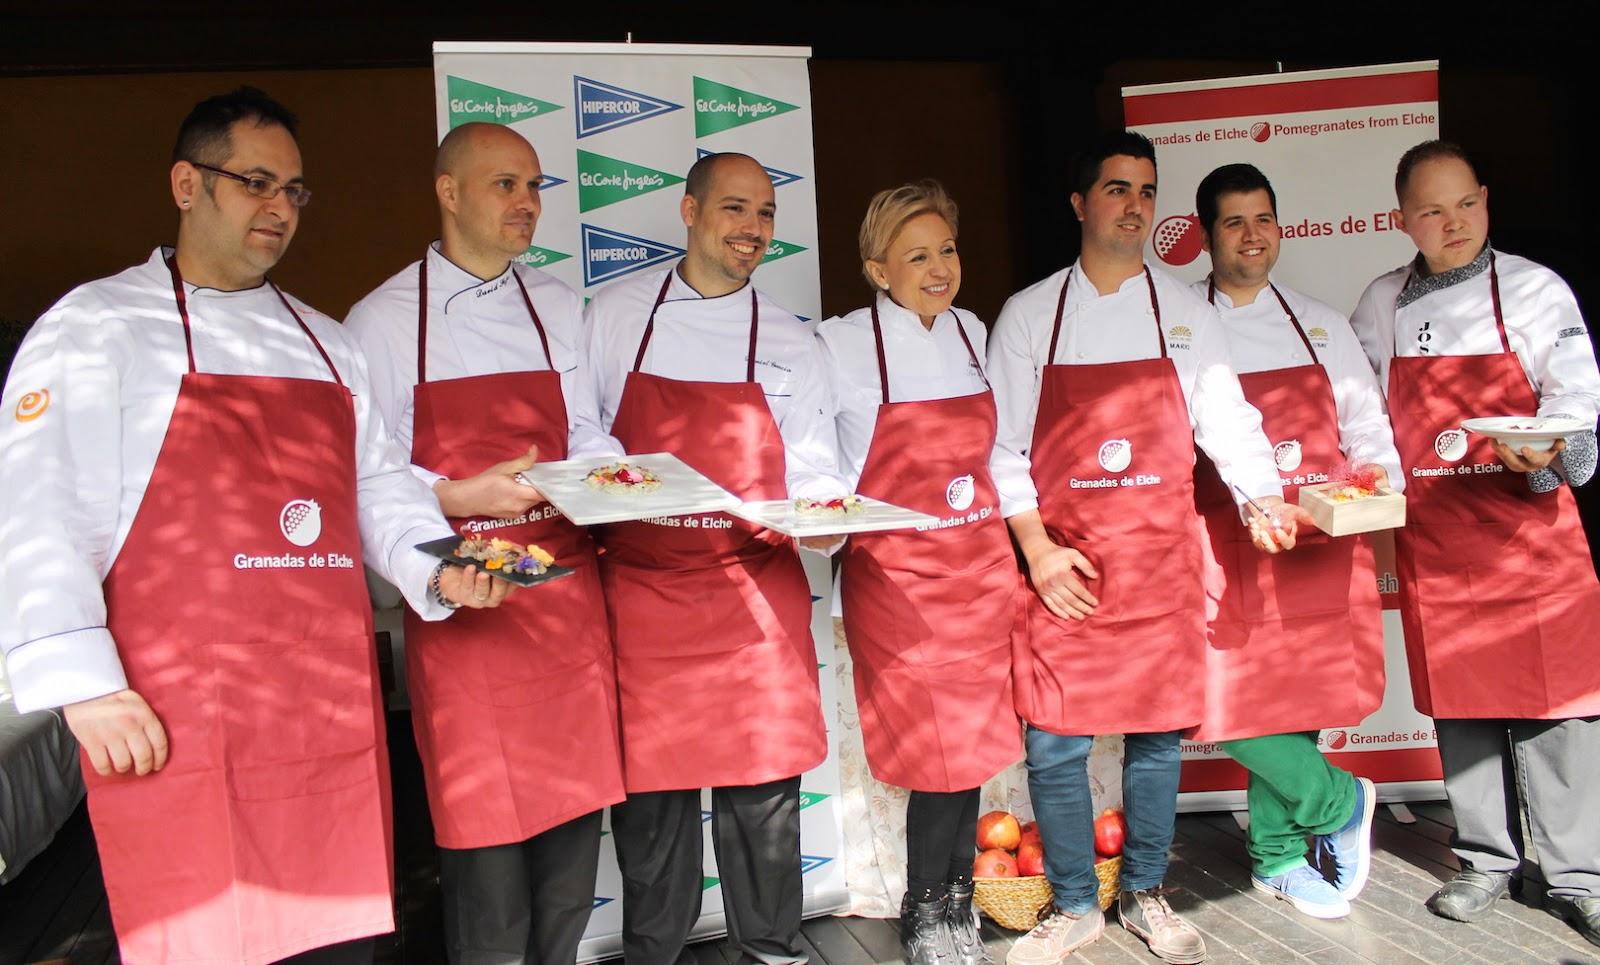 Concursantes Concurso Cocina Creativa Granada Mollar Elche